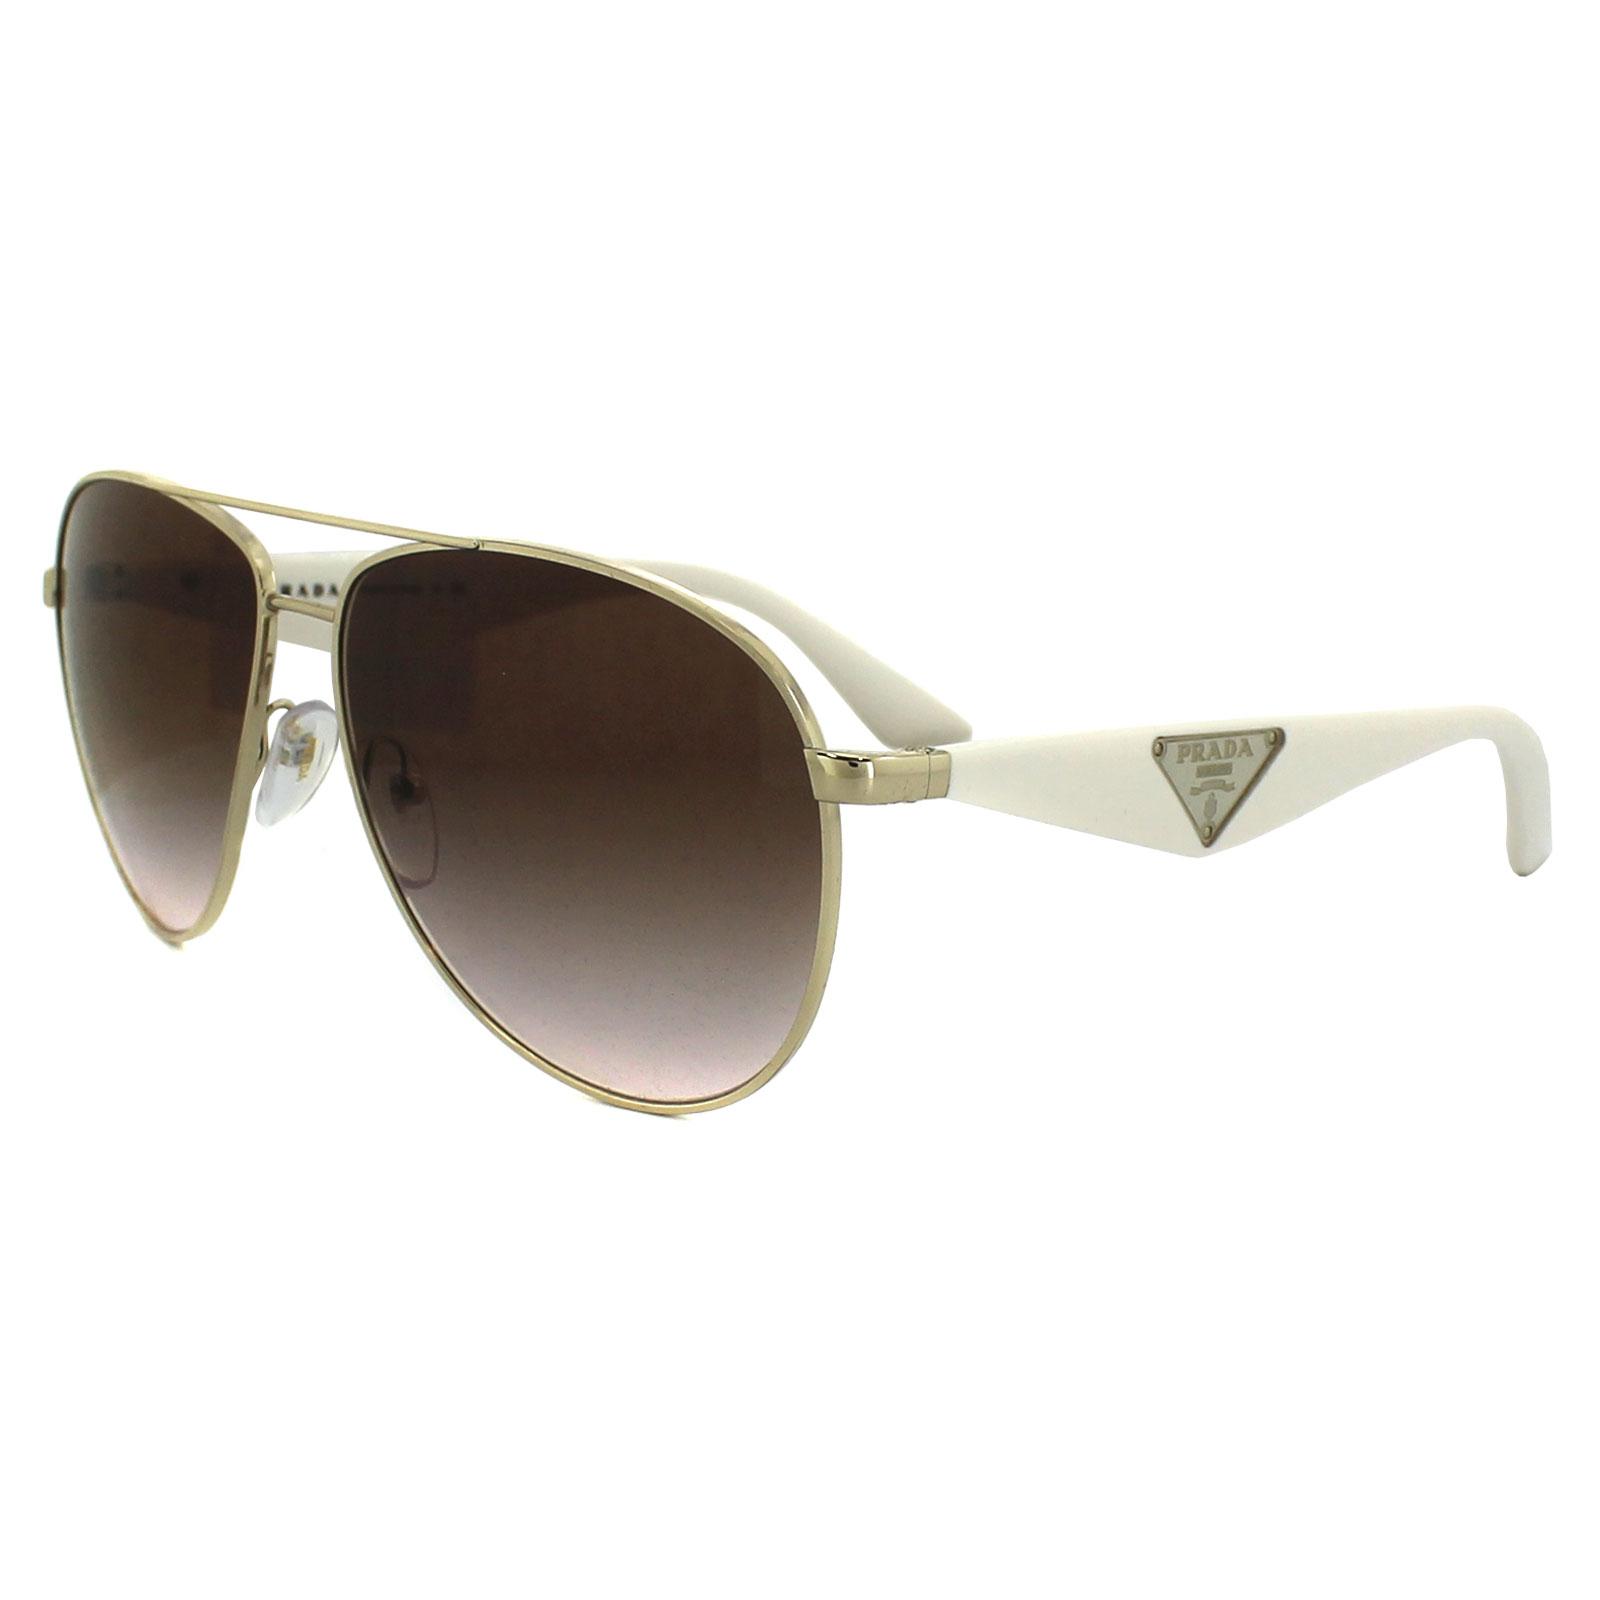 White Prada Sunglasses  prada sunglasses 53qs zvn0a6 gold white brown grant ebay